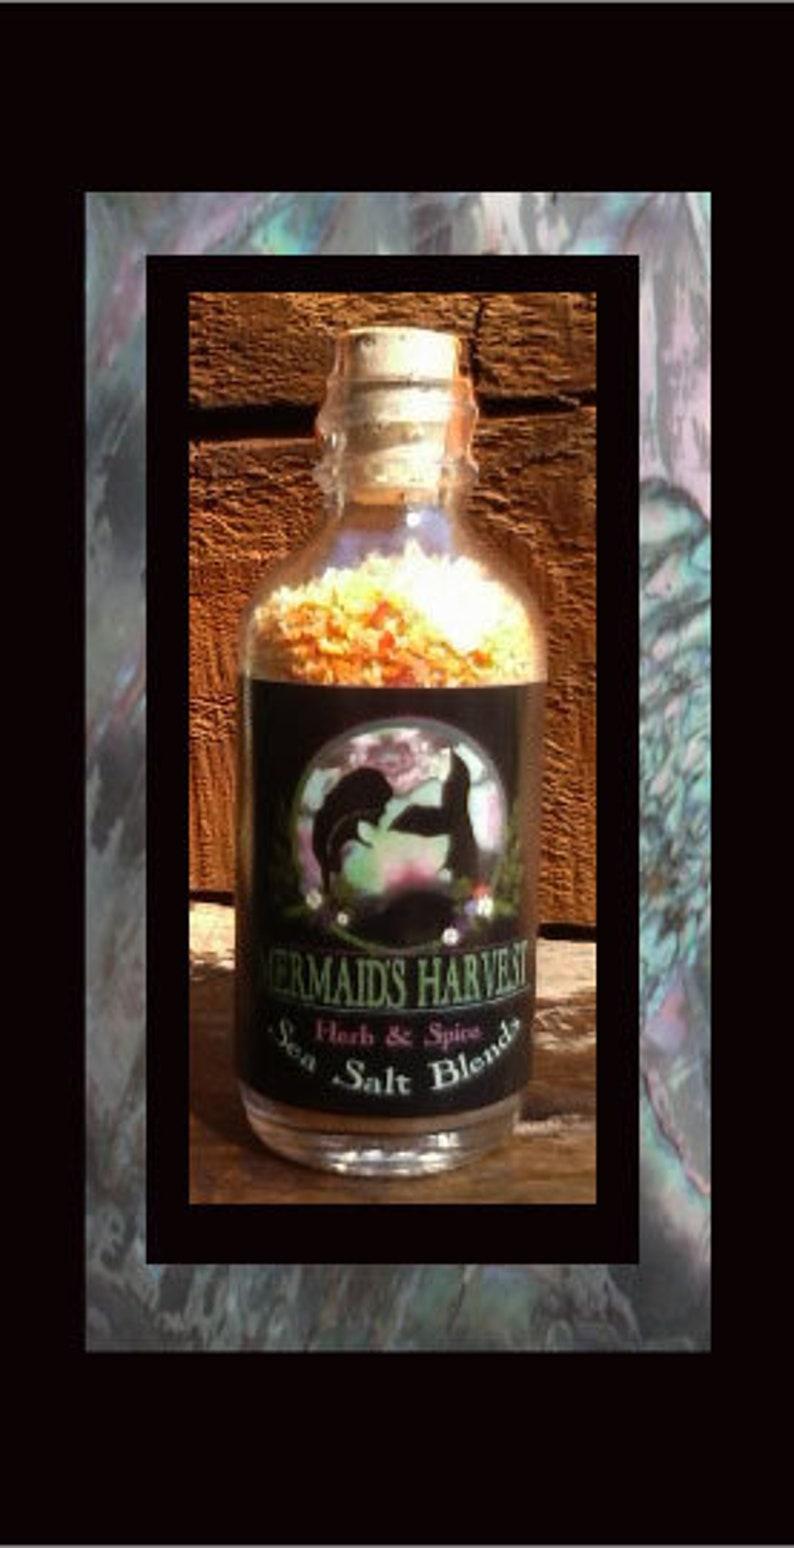 SUNFIRE ORANGE  Mermaid's Harvest Herb & Spice Sea Salt image 1